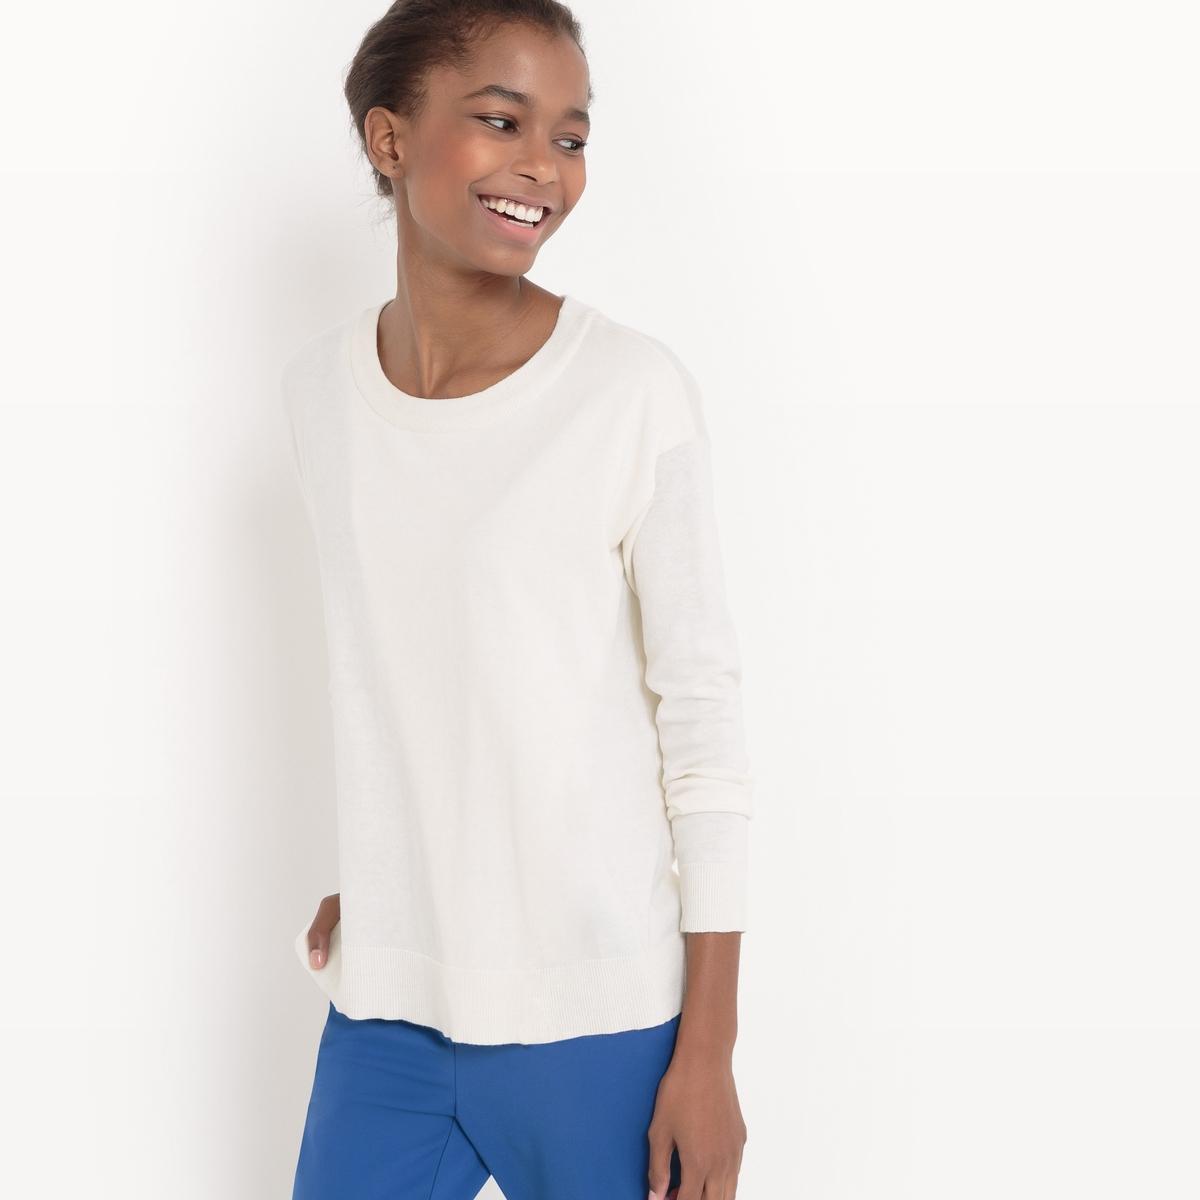 Jersey con cuello redondo de algodón/seda